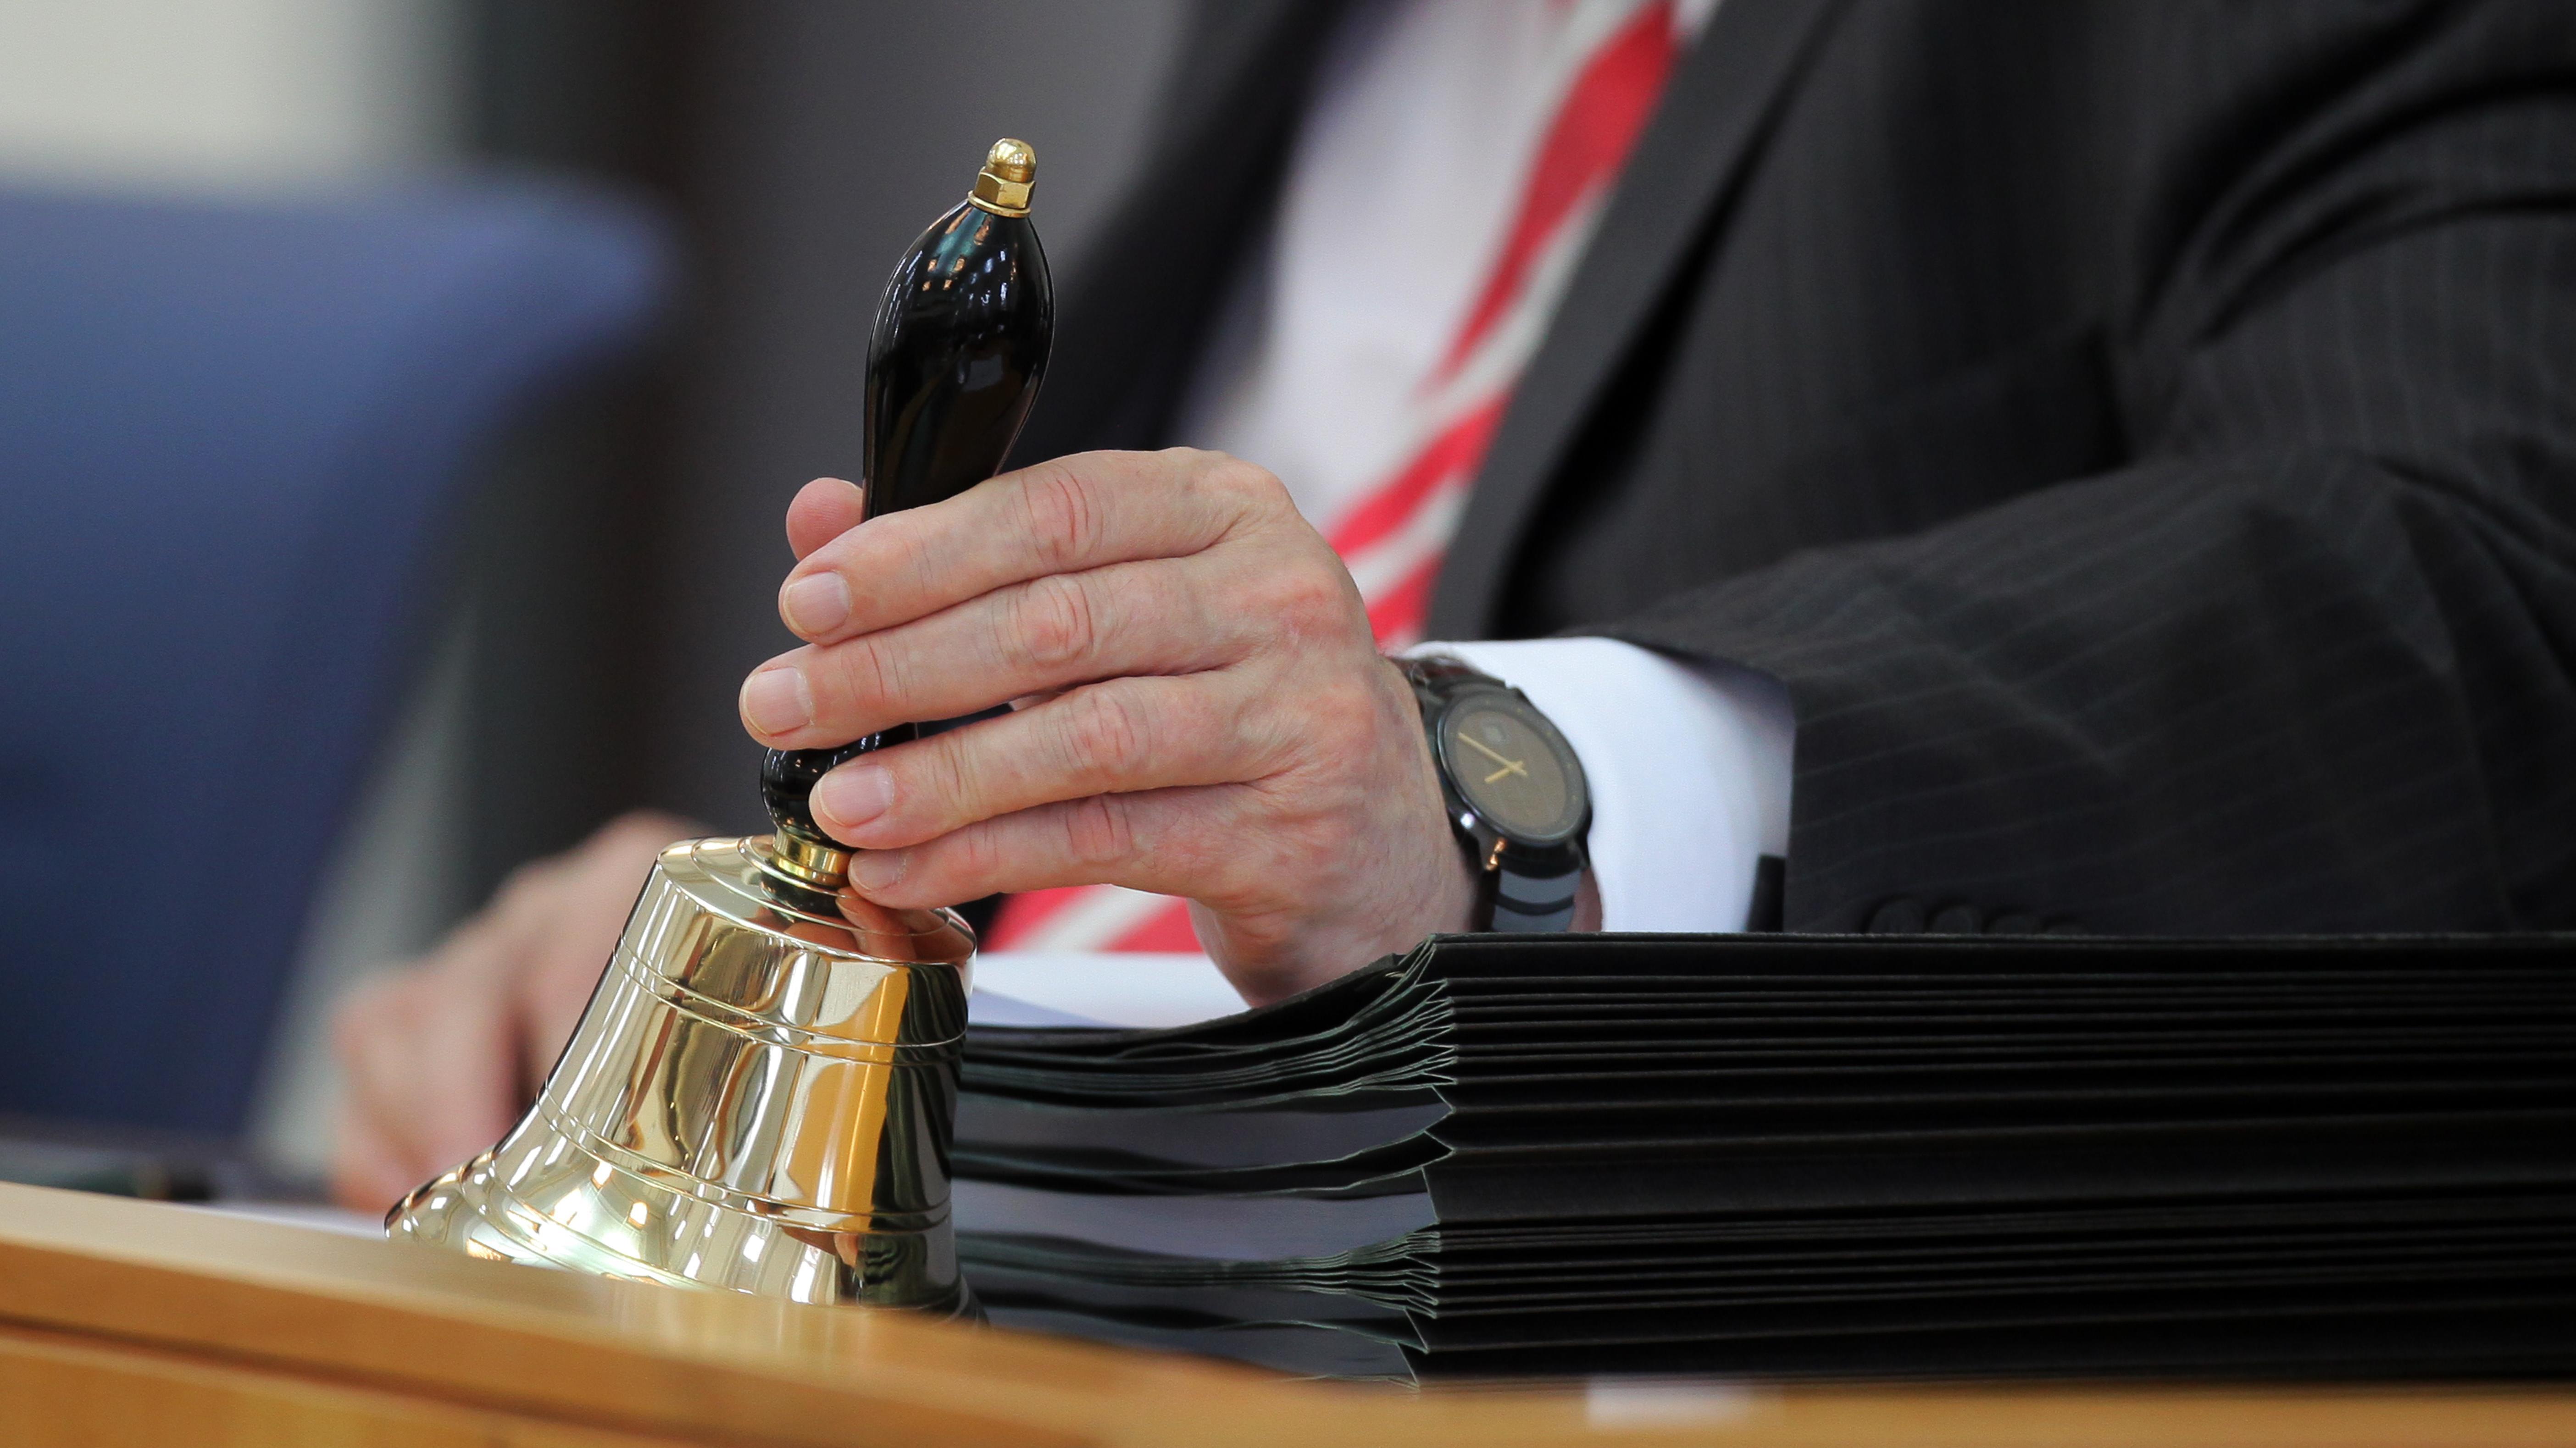 Landtagspolitiker greift zur Glocke, um auf abgelaufene Redezeit aufmerksam zu machen